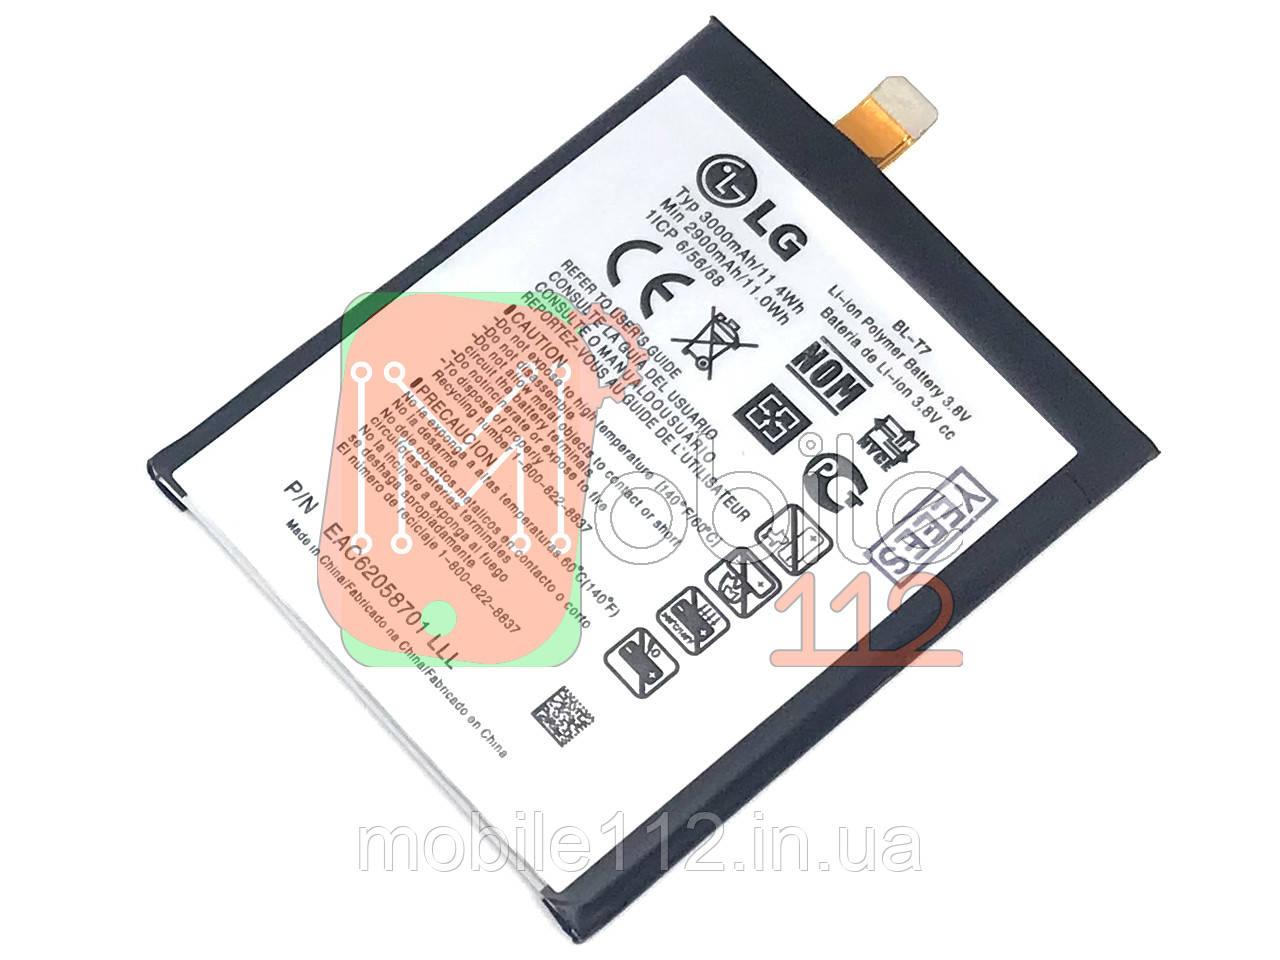 Аккумулятор (АКБ батарея) LG BL-T7 оригинал Китай G2 D800 D801 D802 D803 D805 LS980 VS980 DS1203 F320 P693